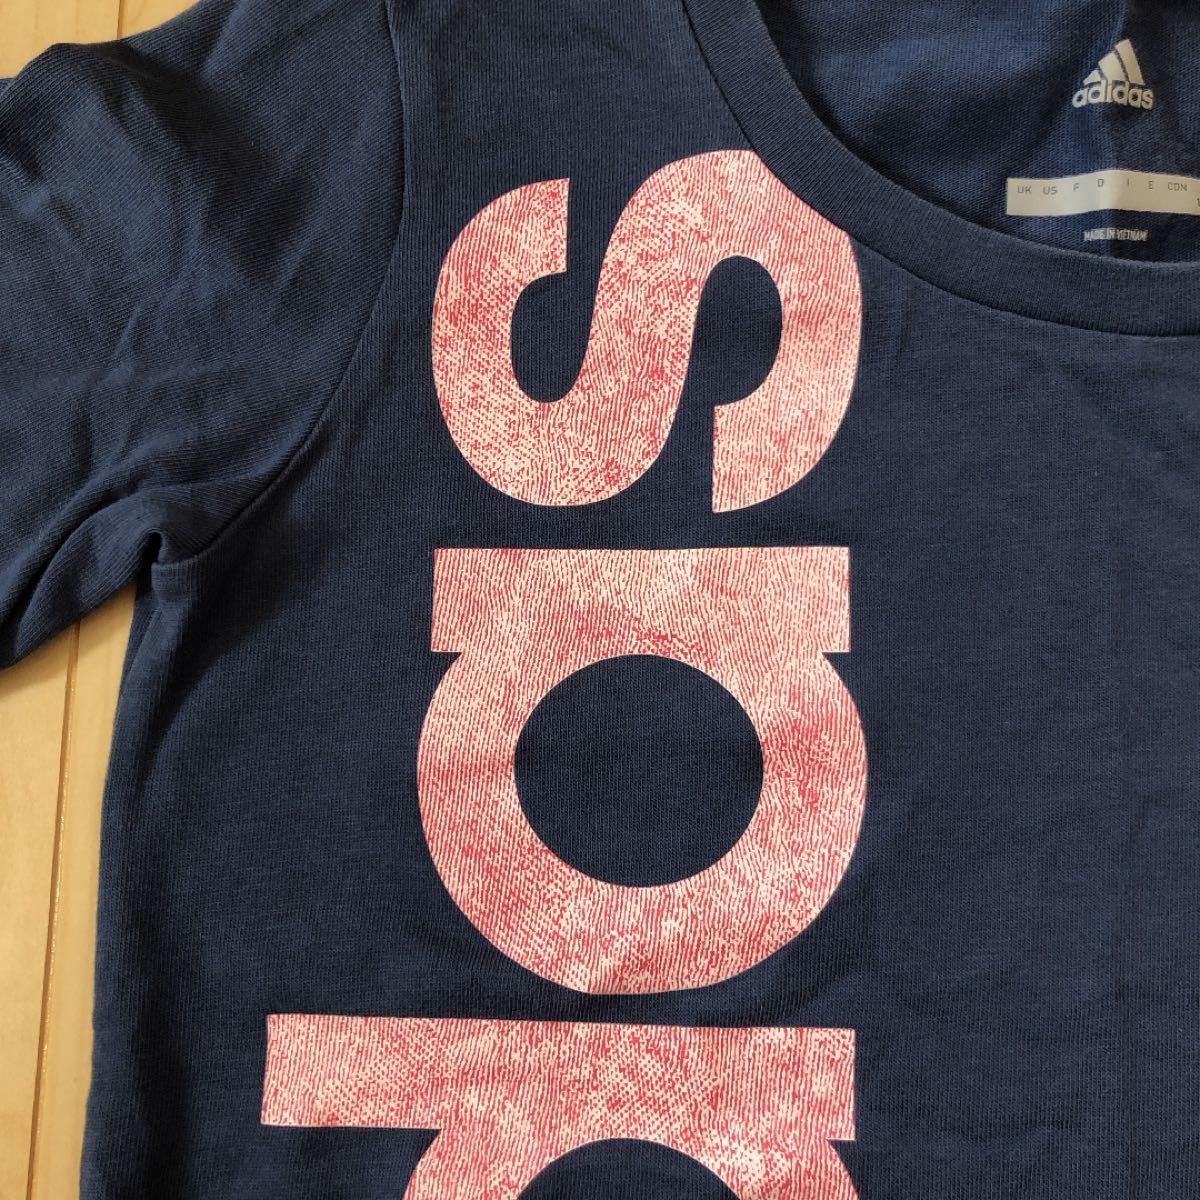 トレーニングウェア Tシャツセット